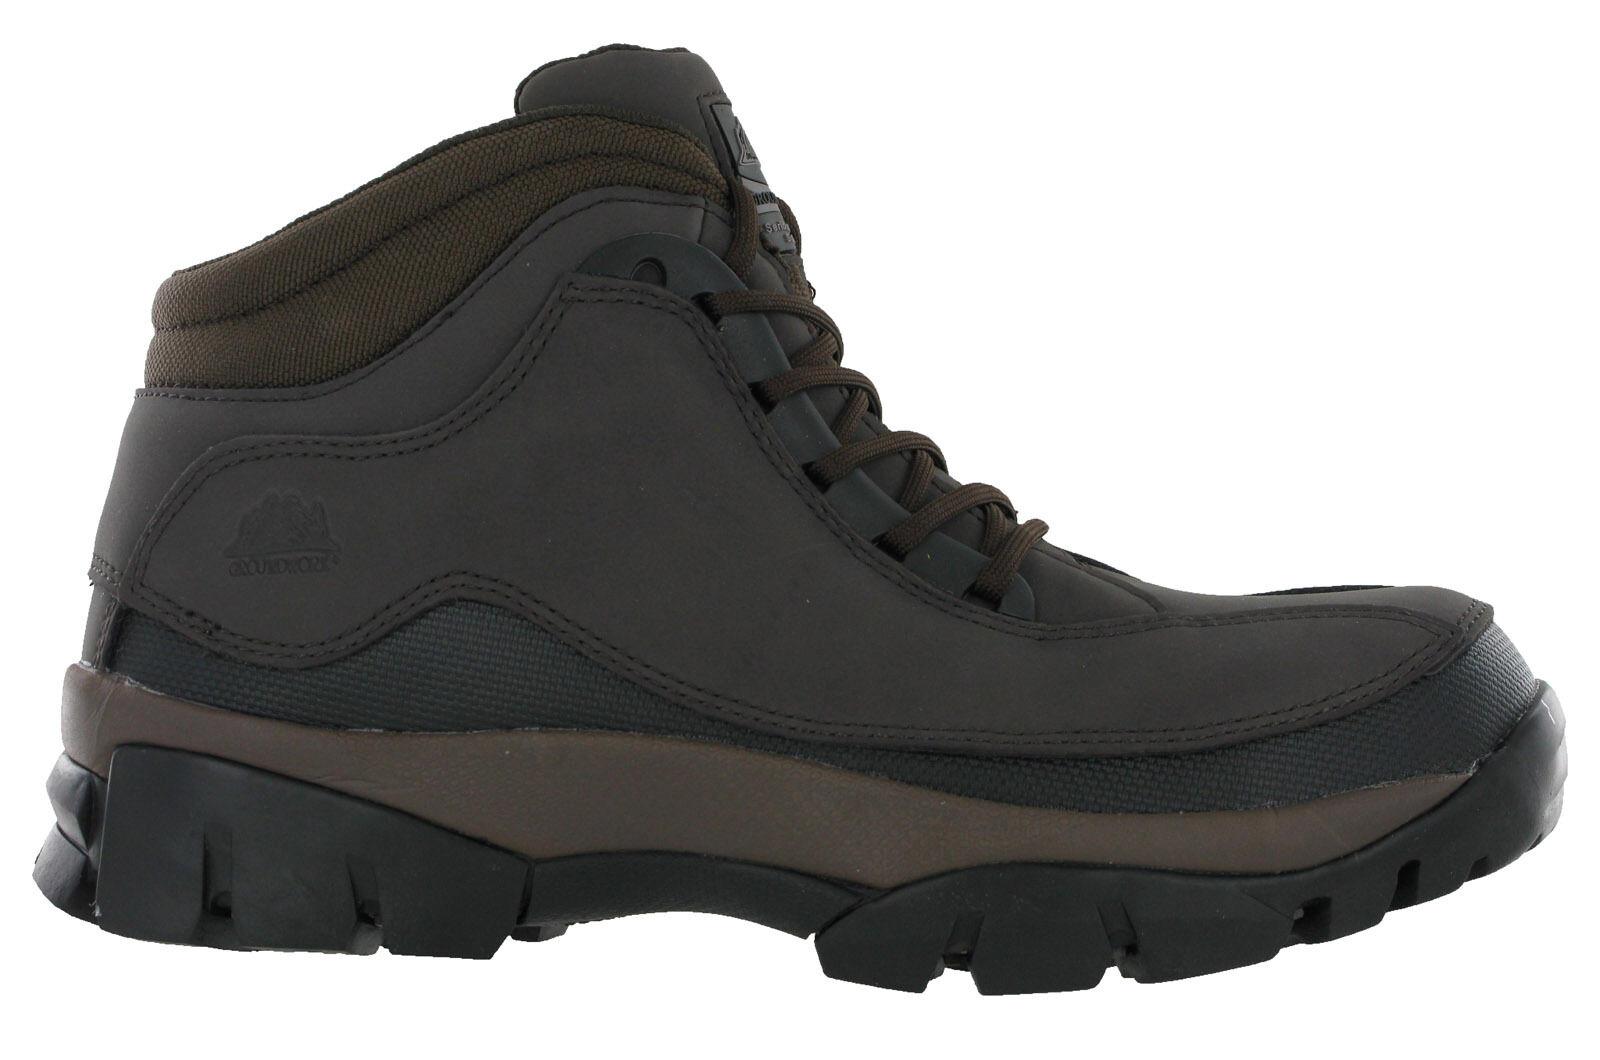 Groundwork Marronee Scarpe Sicurezza Puntale in Acciaio Uomo Lavoro Lavoro Lavoro Industriale   di moda    Sig/Sig Ra Scarpa  f5b976